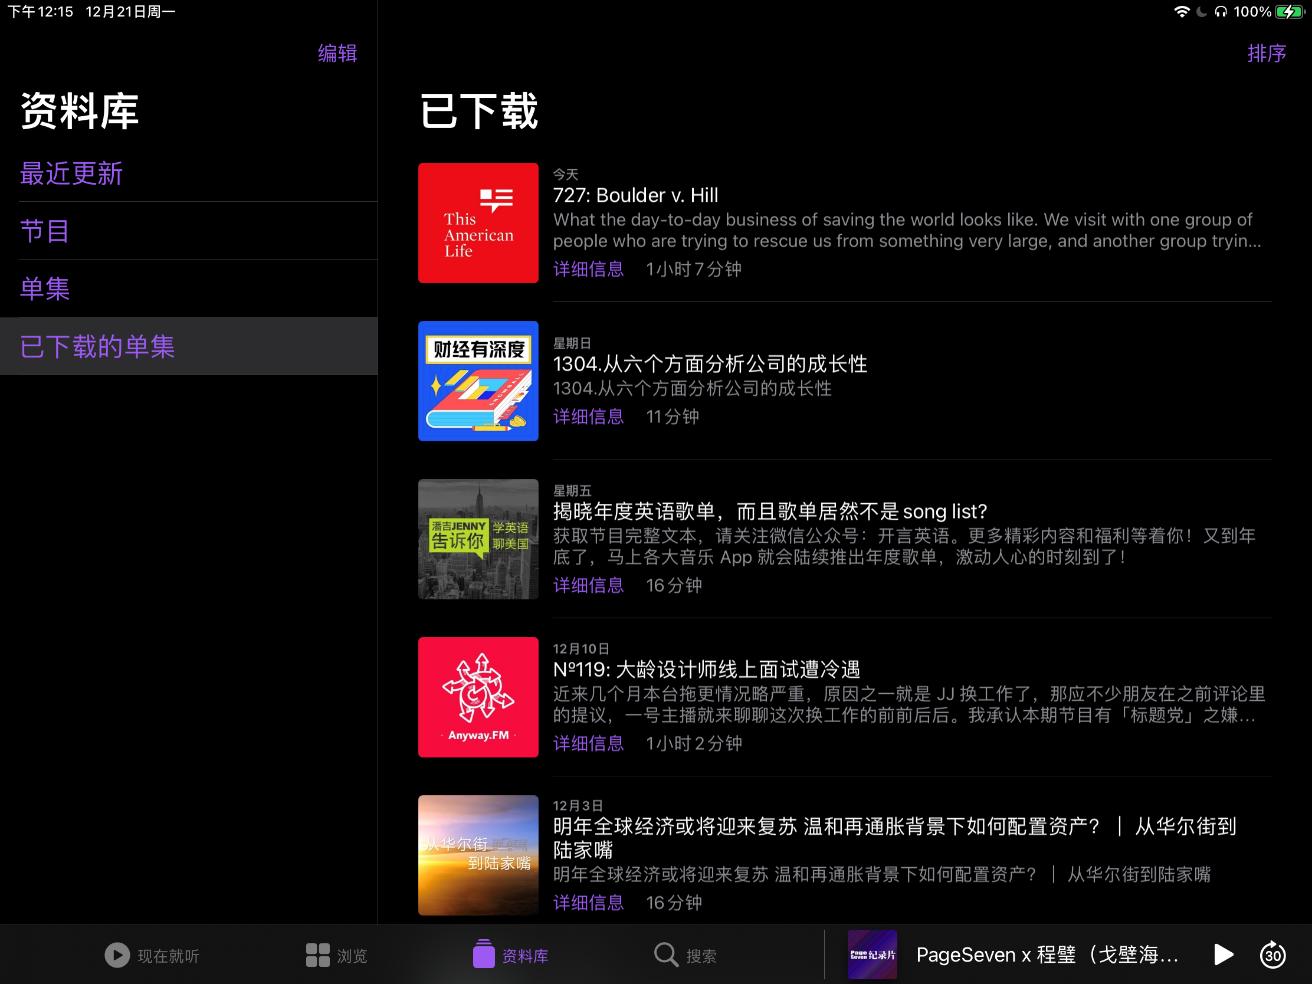 App内下载节目